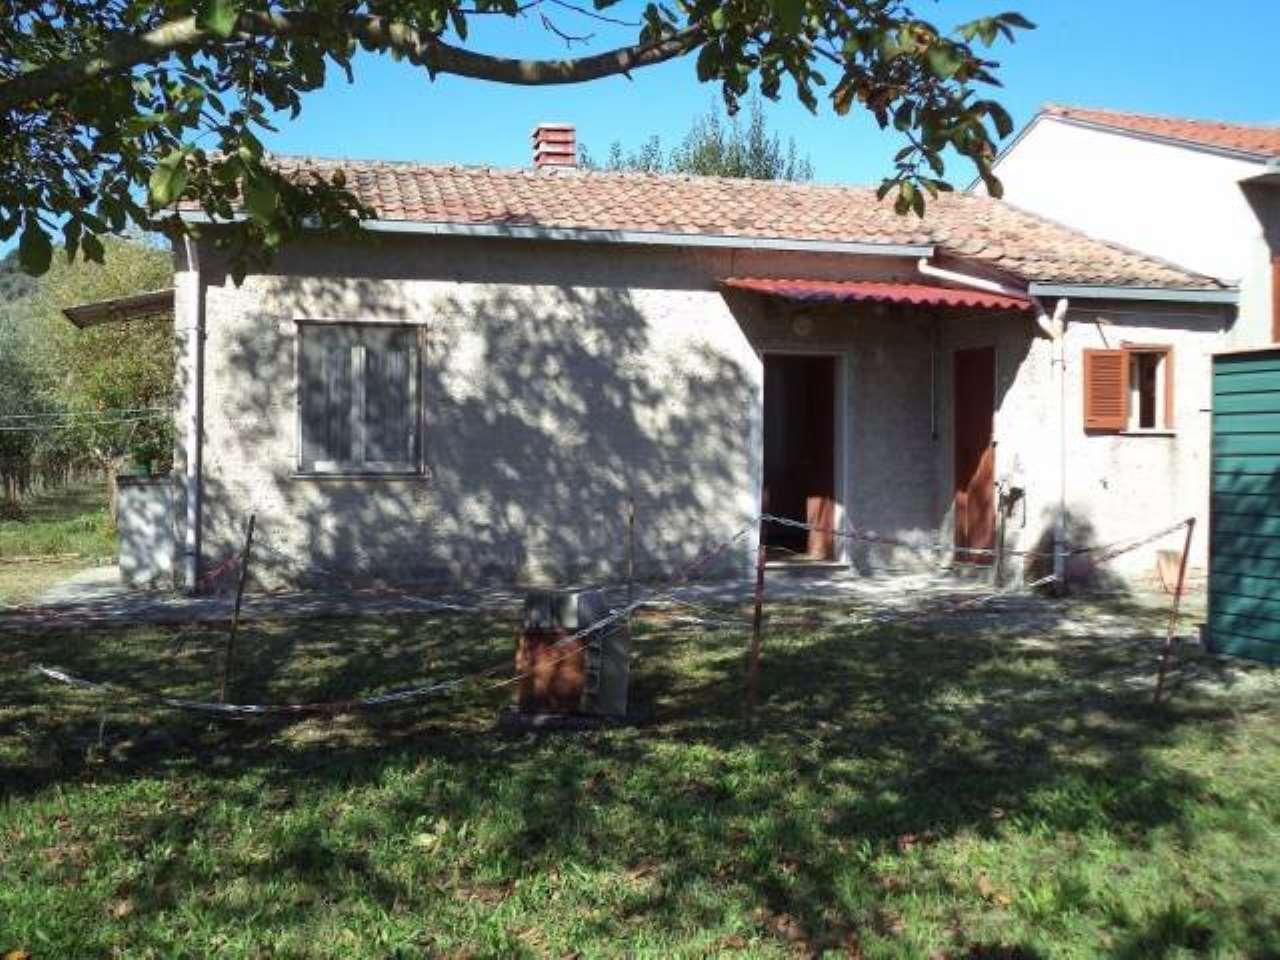 Rustico / Casale in vendita a Colfelice, 1 locali, prezzo € 25.000 | CambioCasa.it